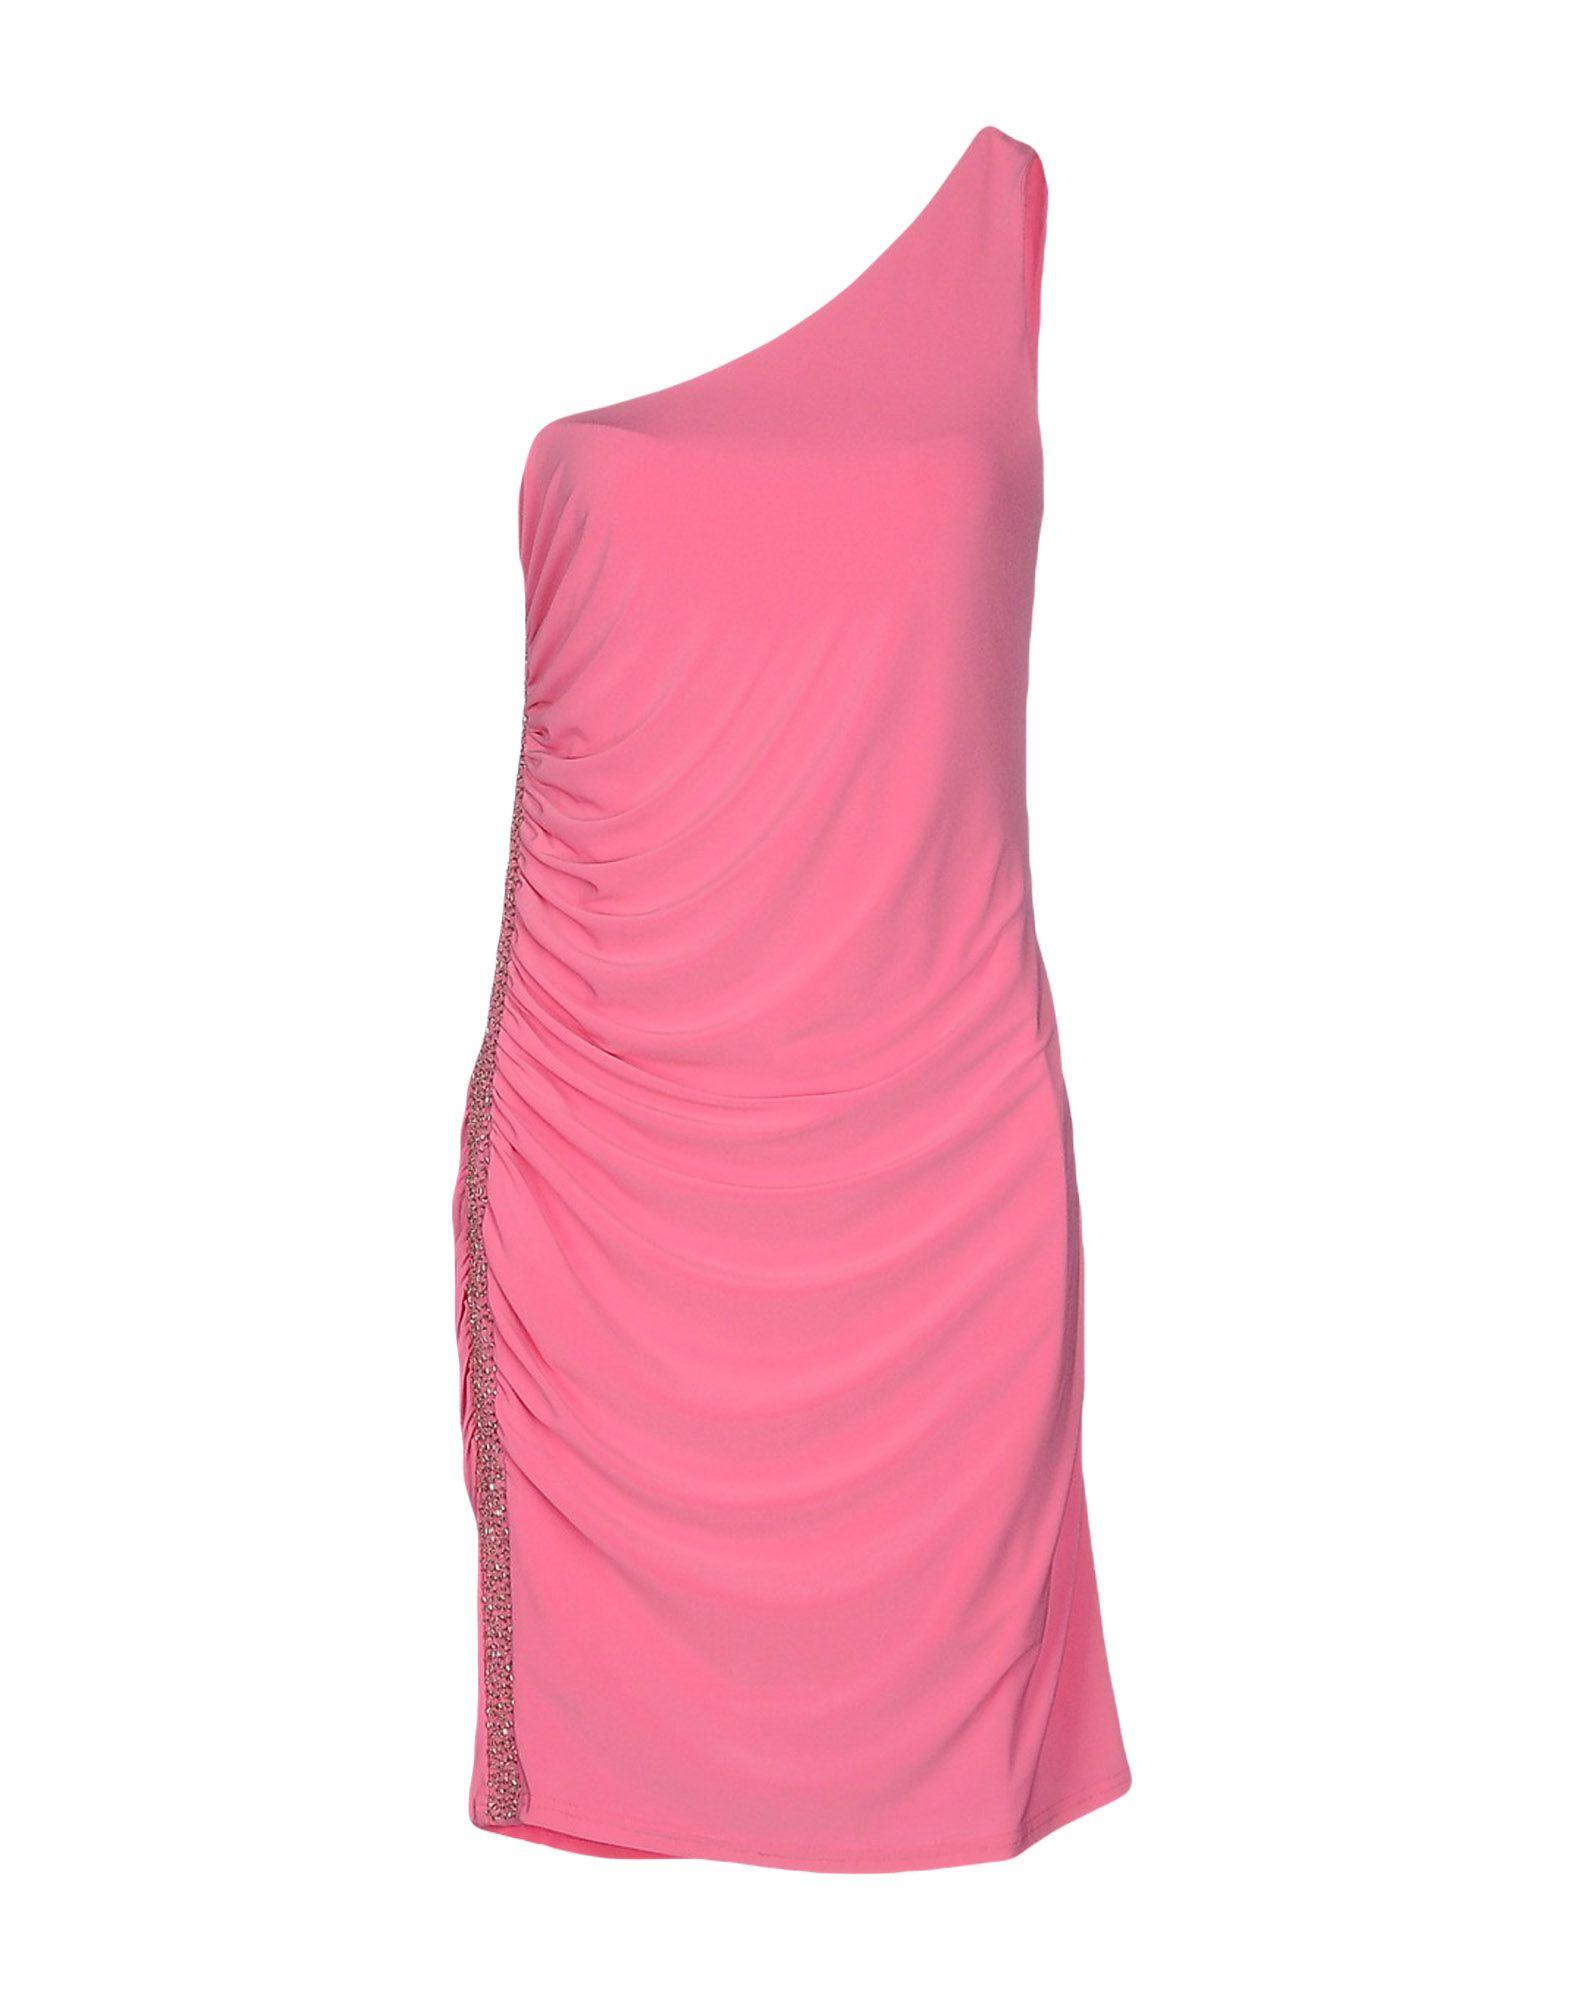 Vestito Corto Jolie Carlo Pignatelli Donna - Acquista online su LHcc8jCP